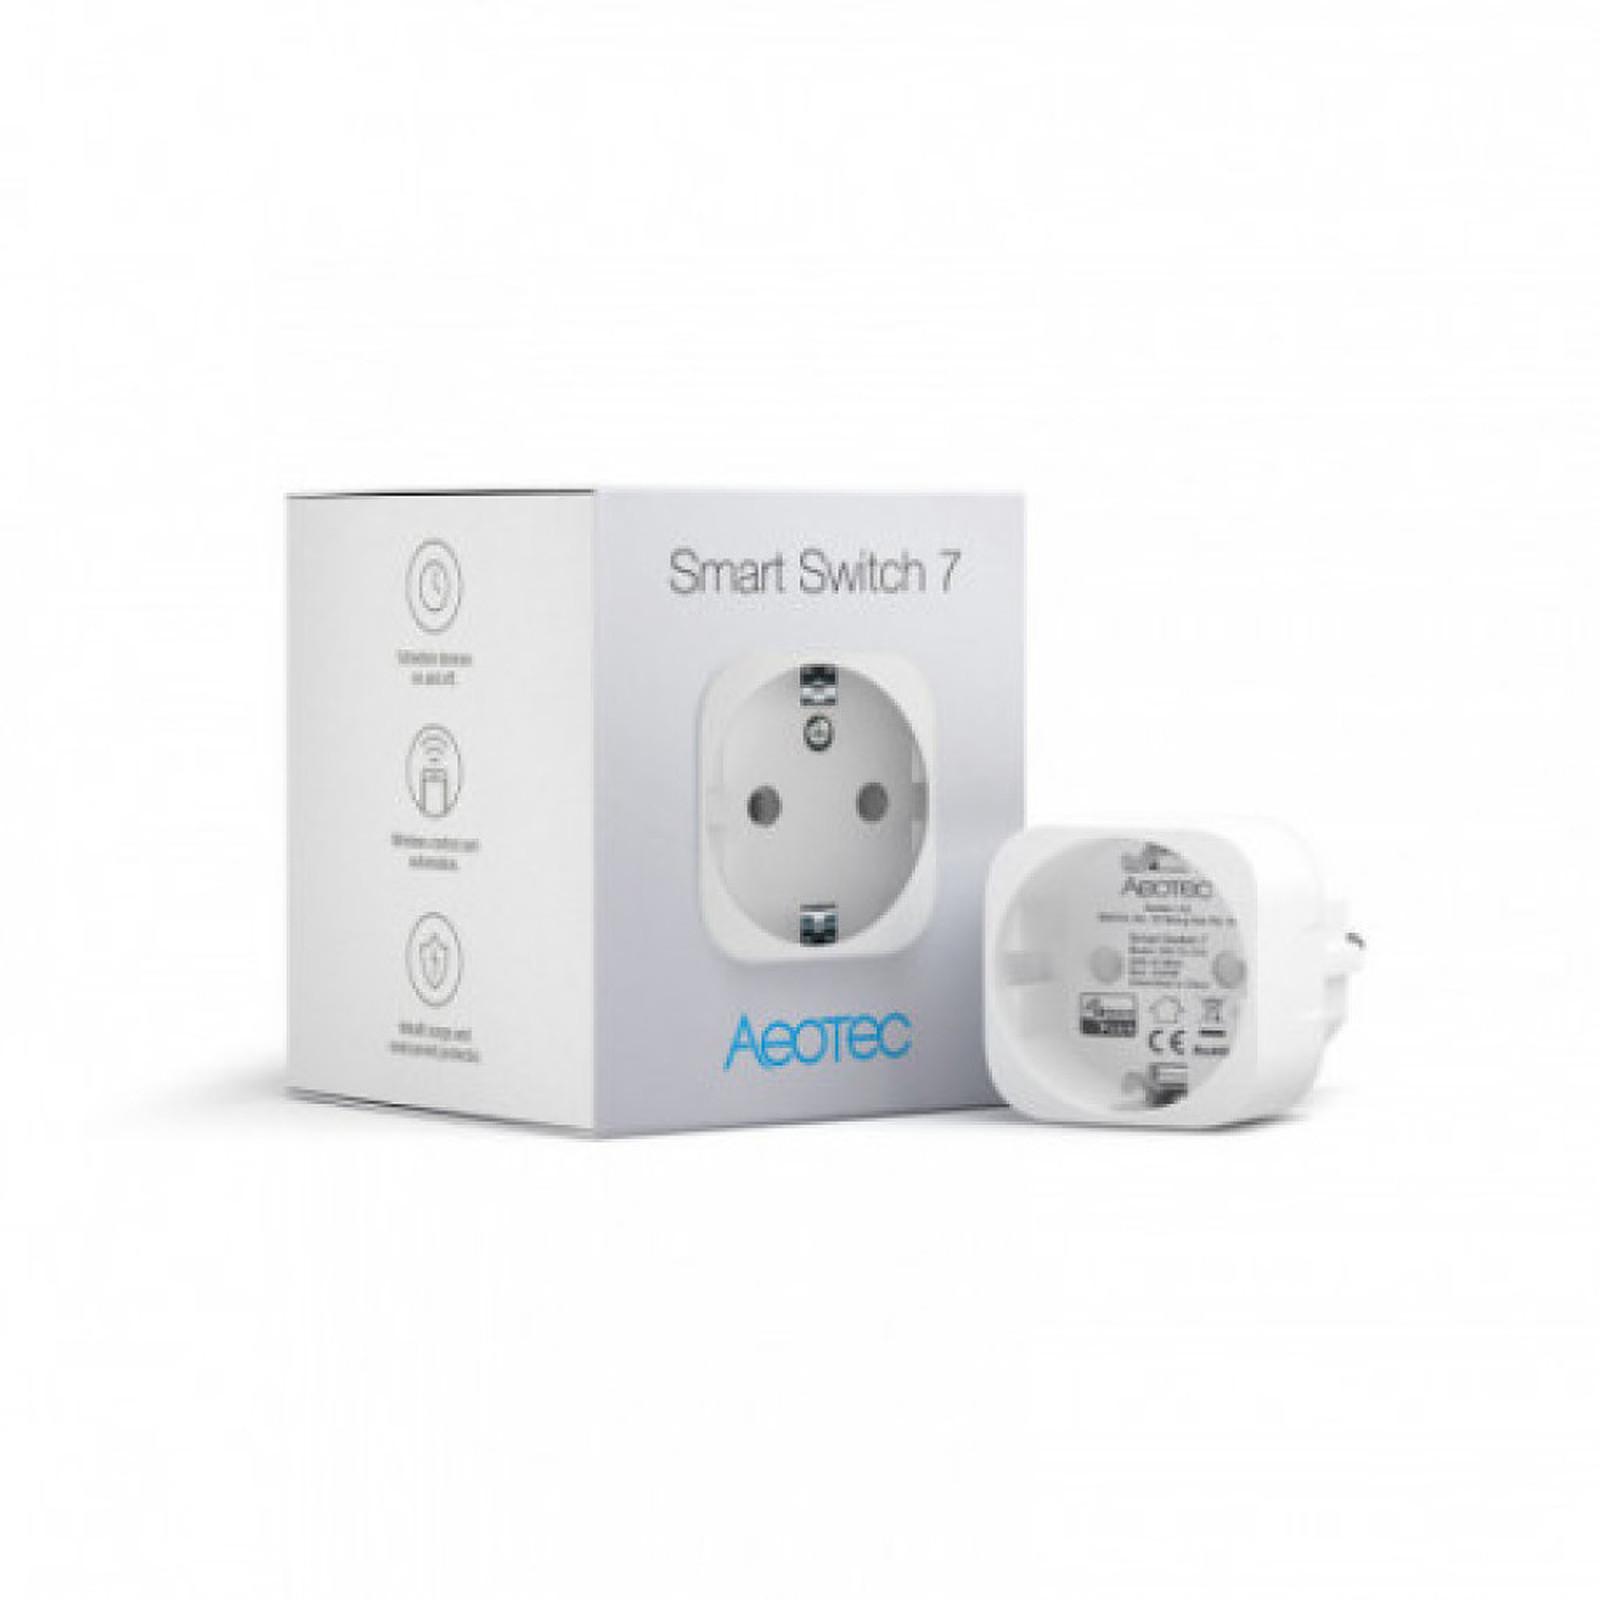 Aeotec Mini Prise Intelligente Z-wave+ Smart Switch 7 - Aeotec AEO_ZW175